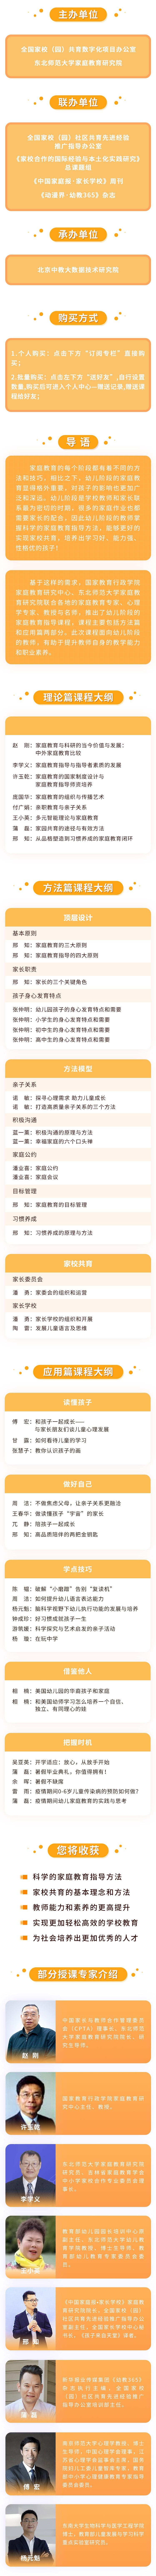 家庭教育指导课程-课程详情页-幼儿_WPS图片.jpg